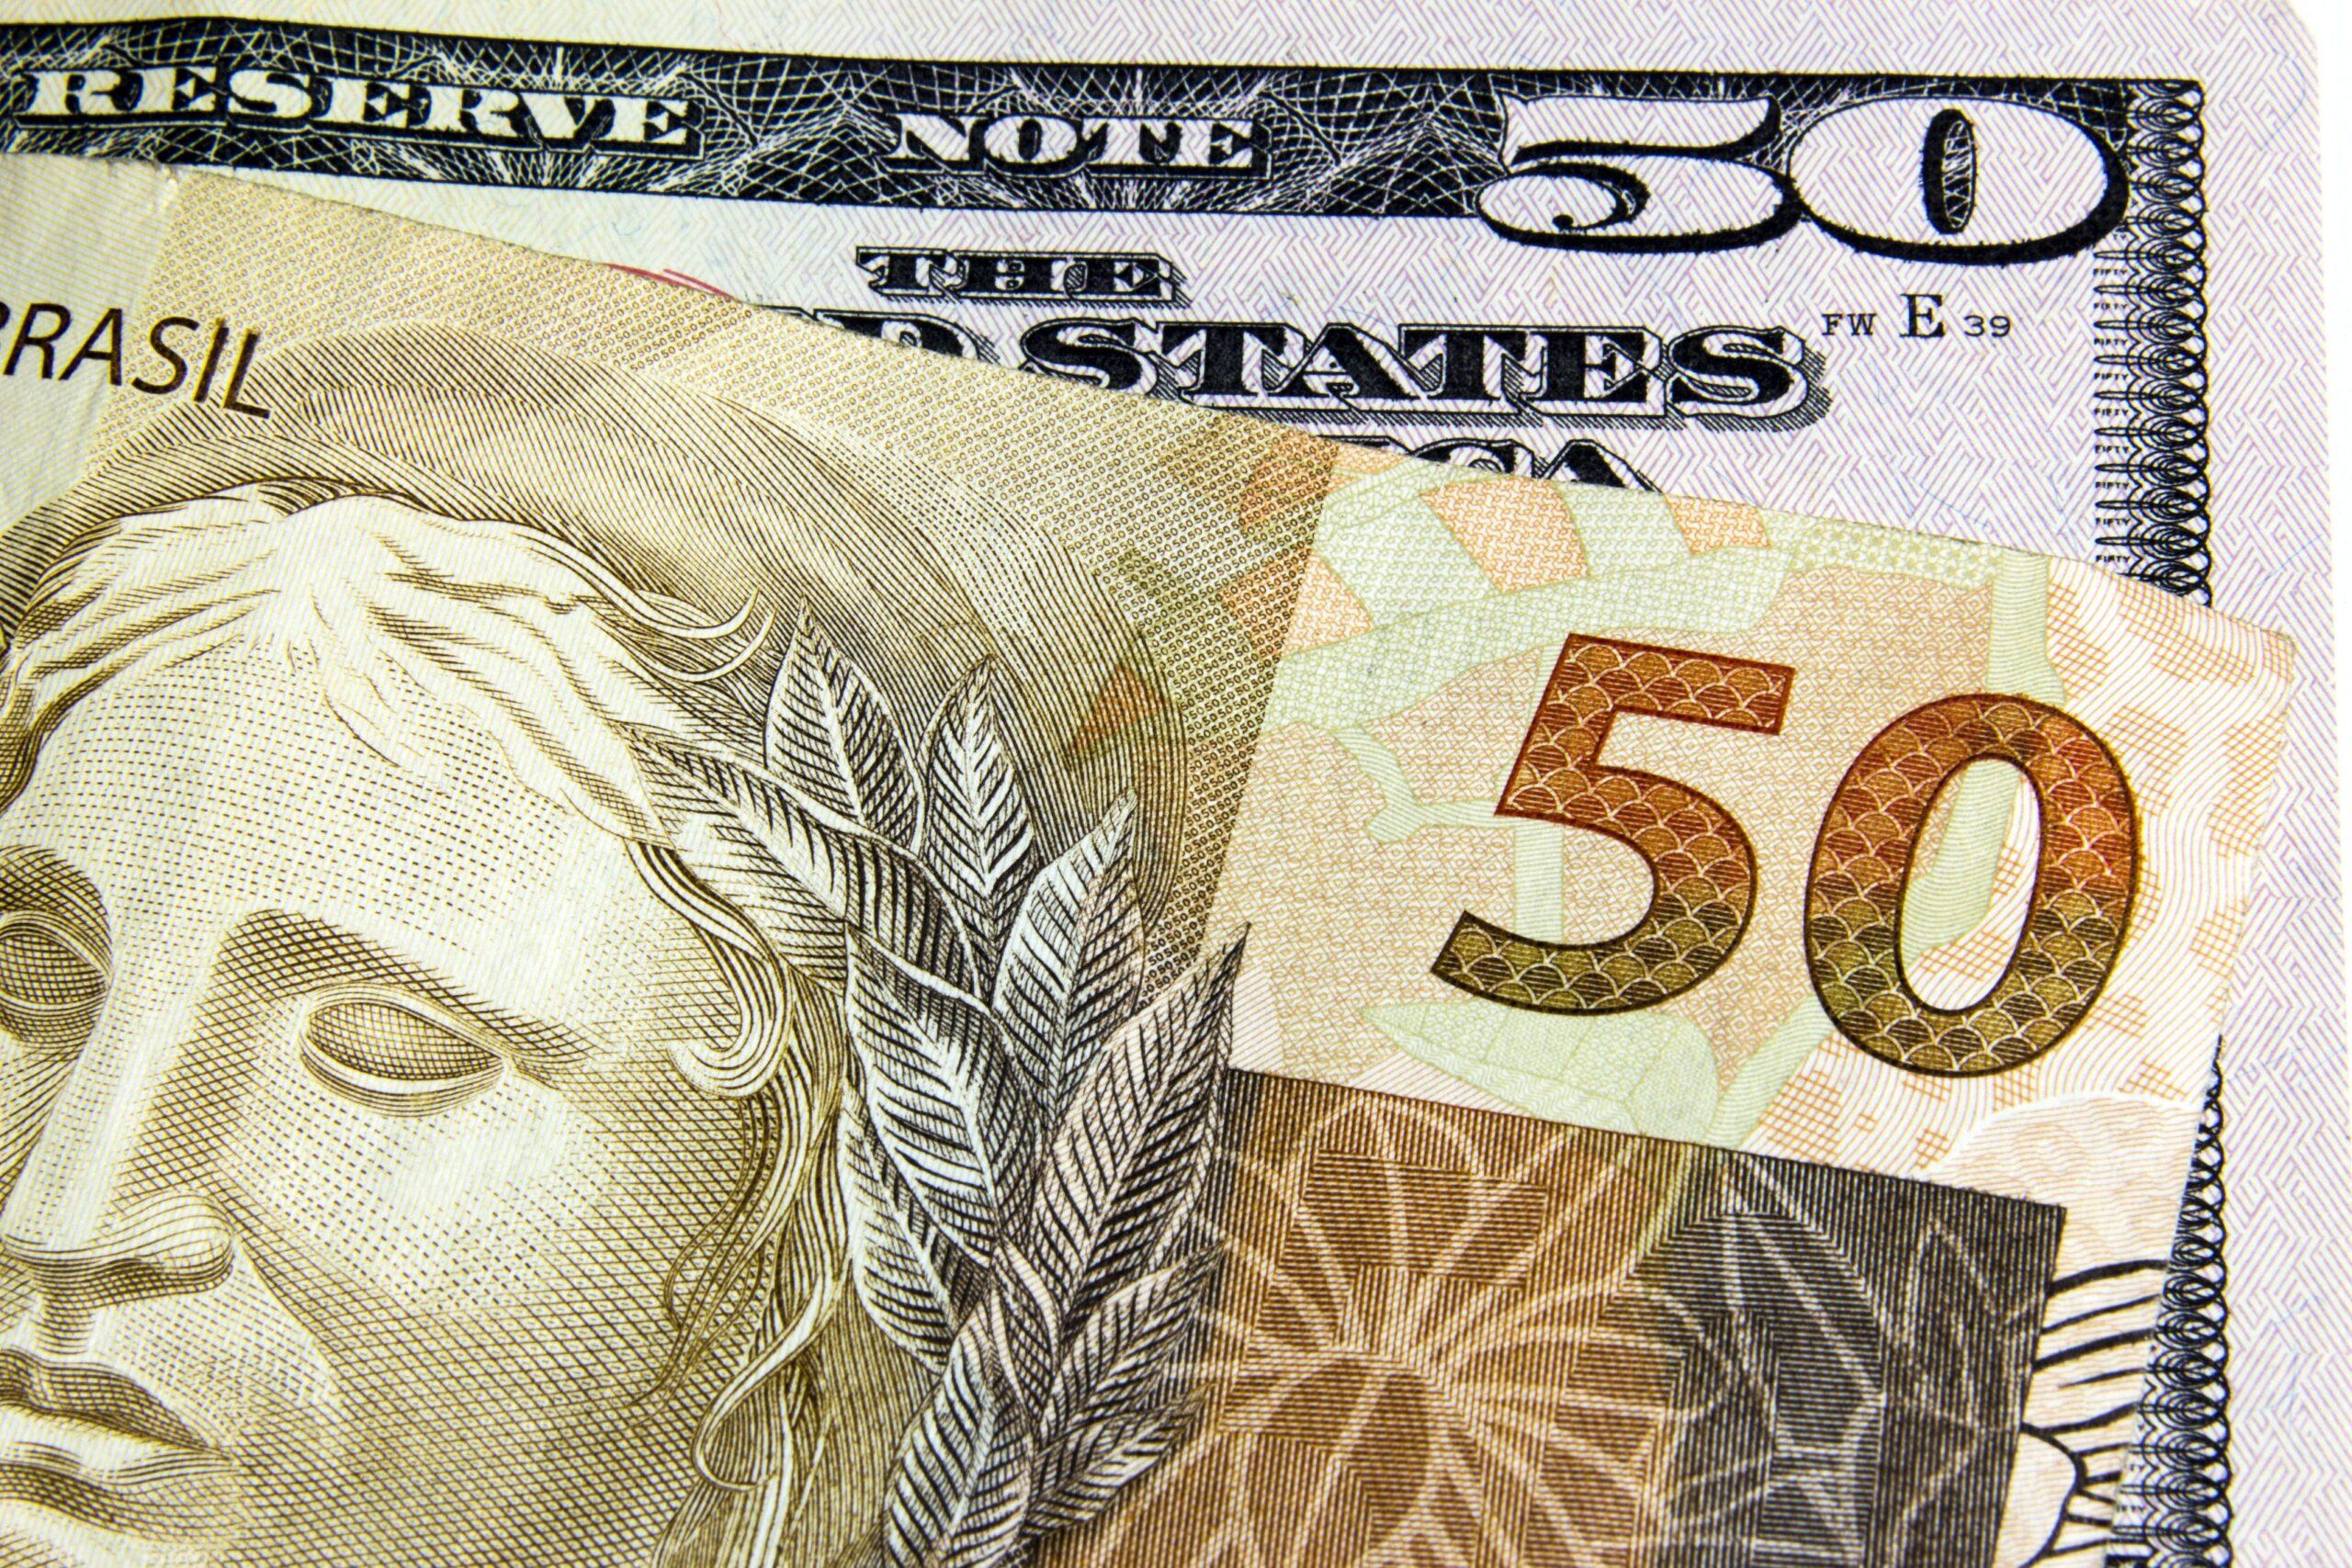 Notas de 50 dólares e real - dinheiro